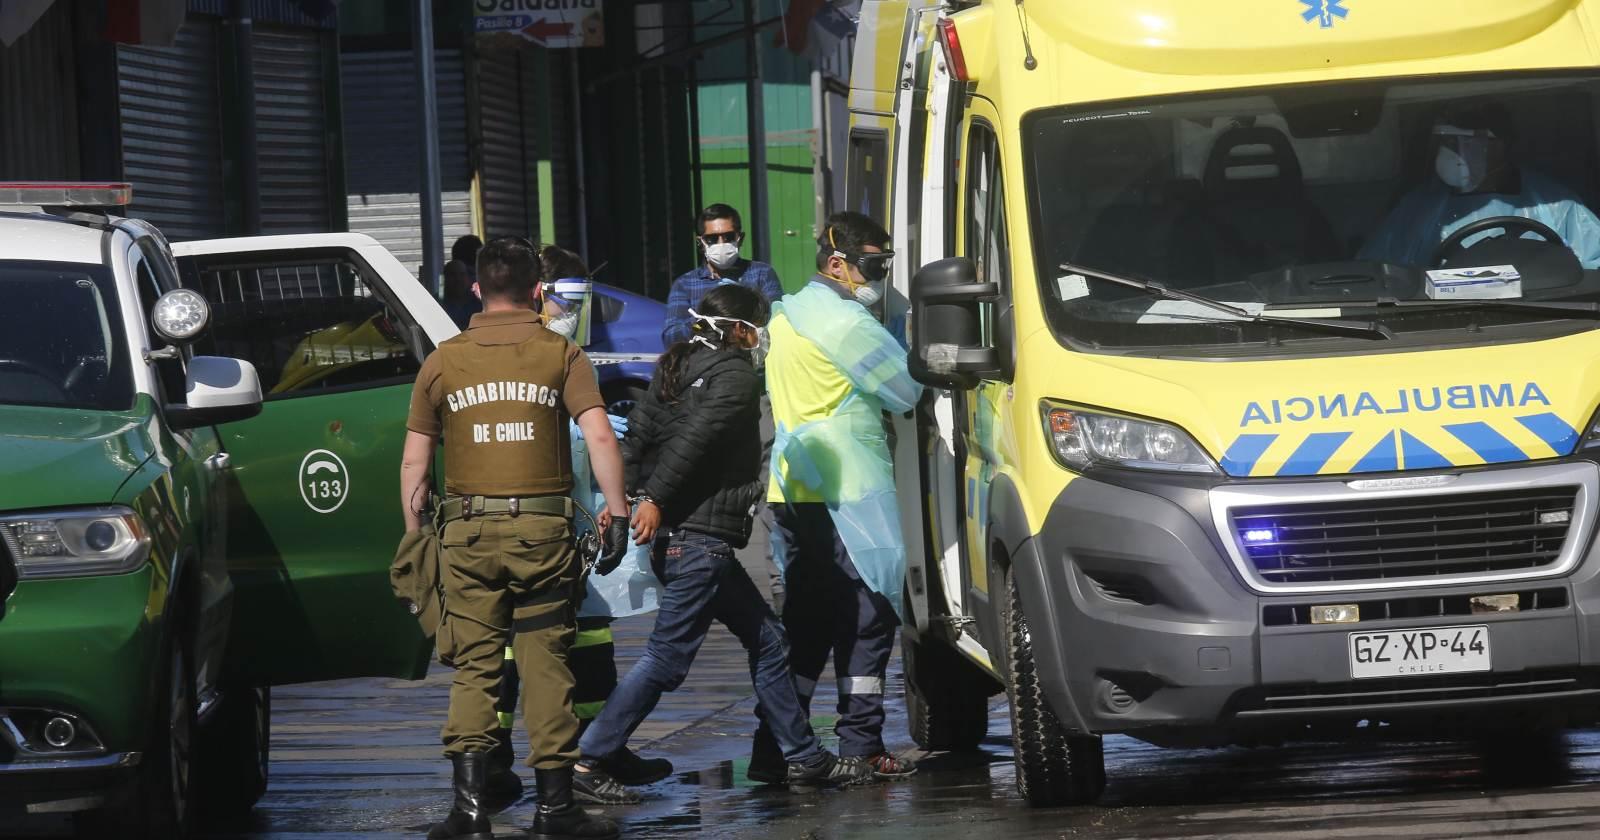 La emergencia que desató la fuga de una mujer con COVID-19 del hospital de Talcahuano